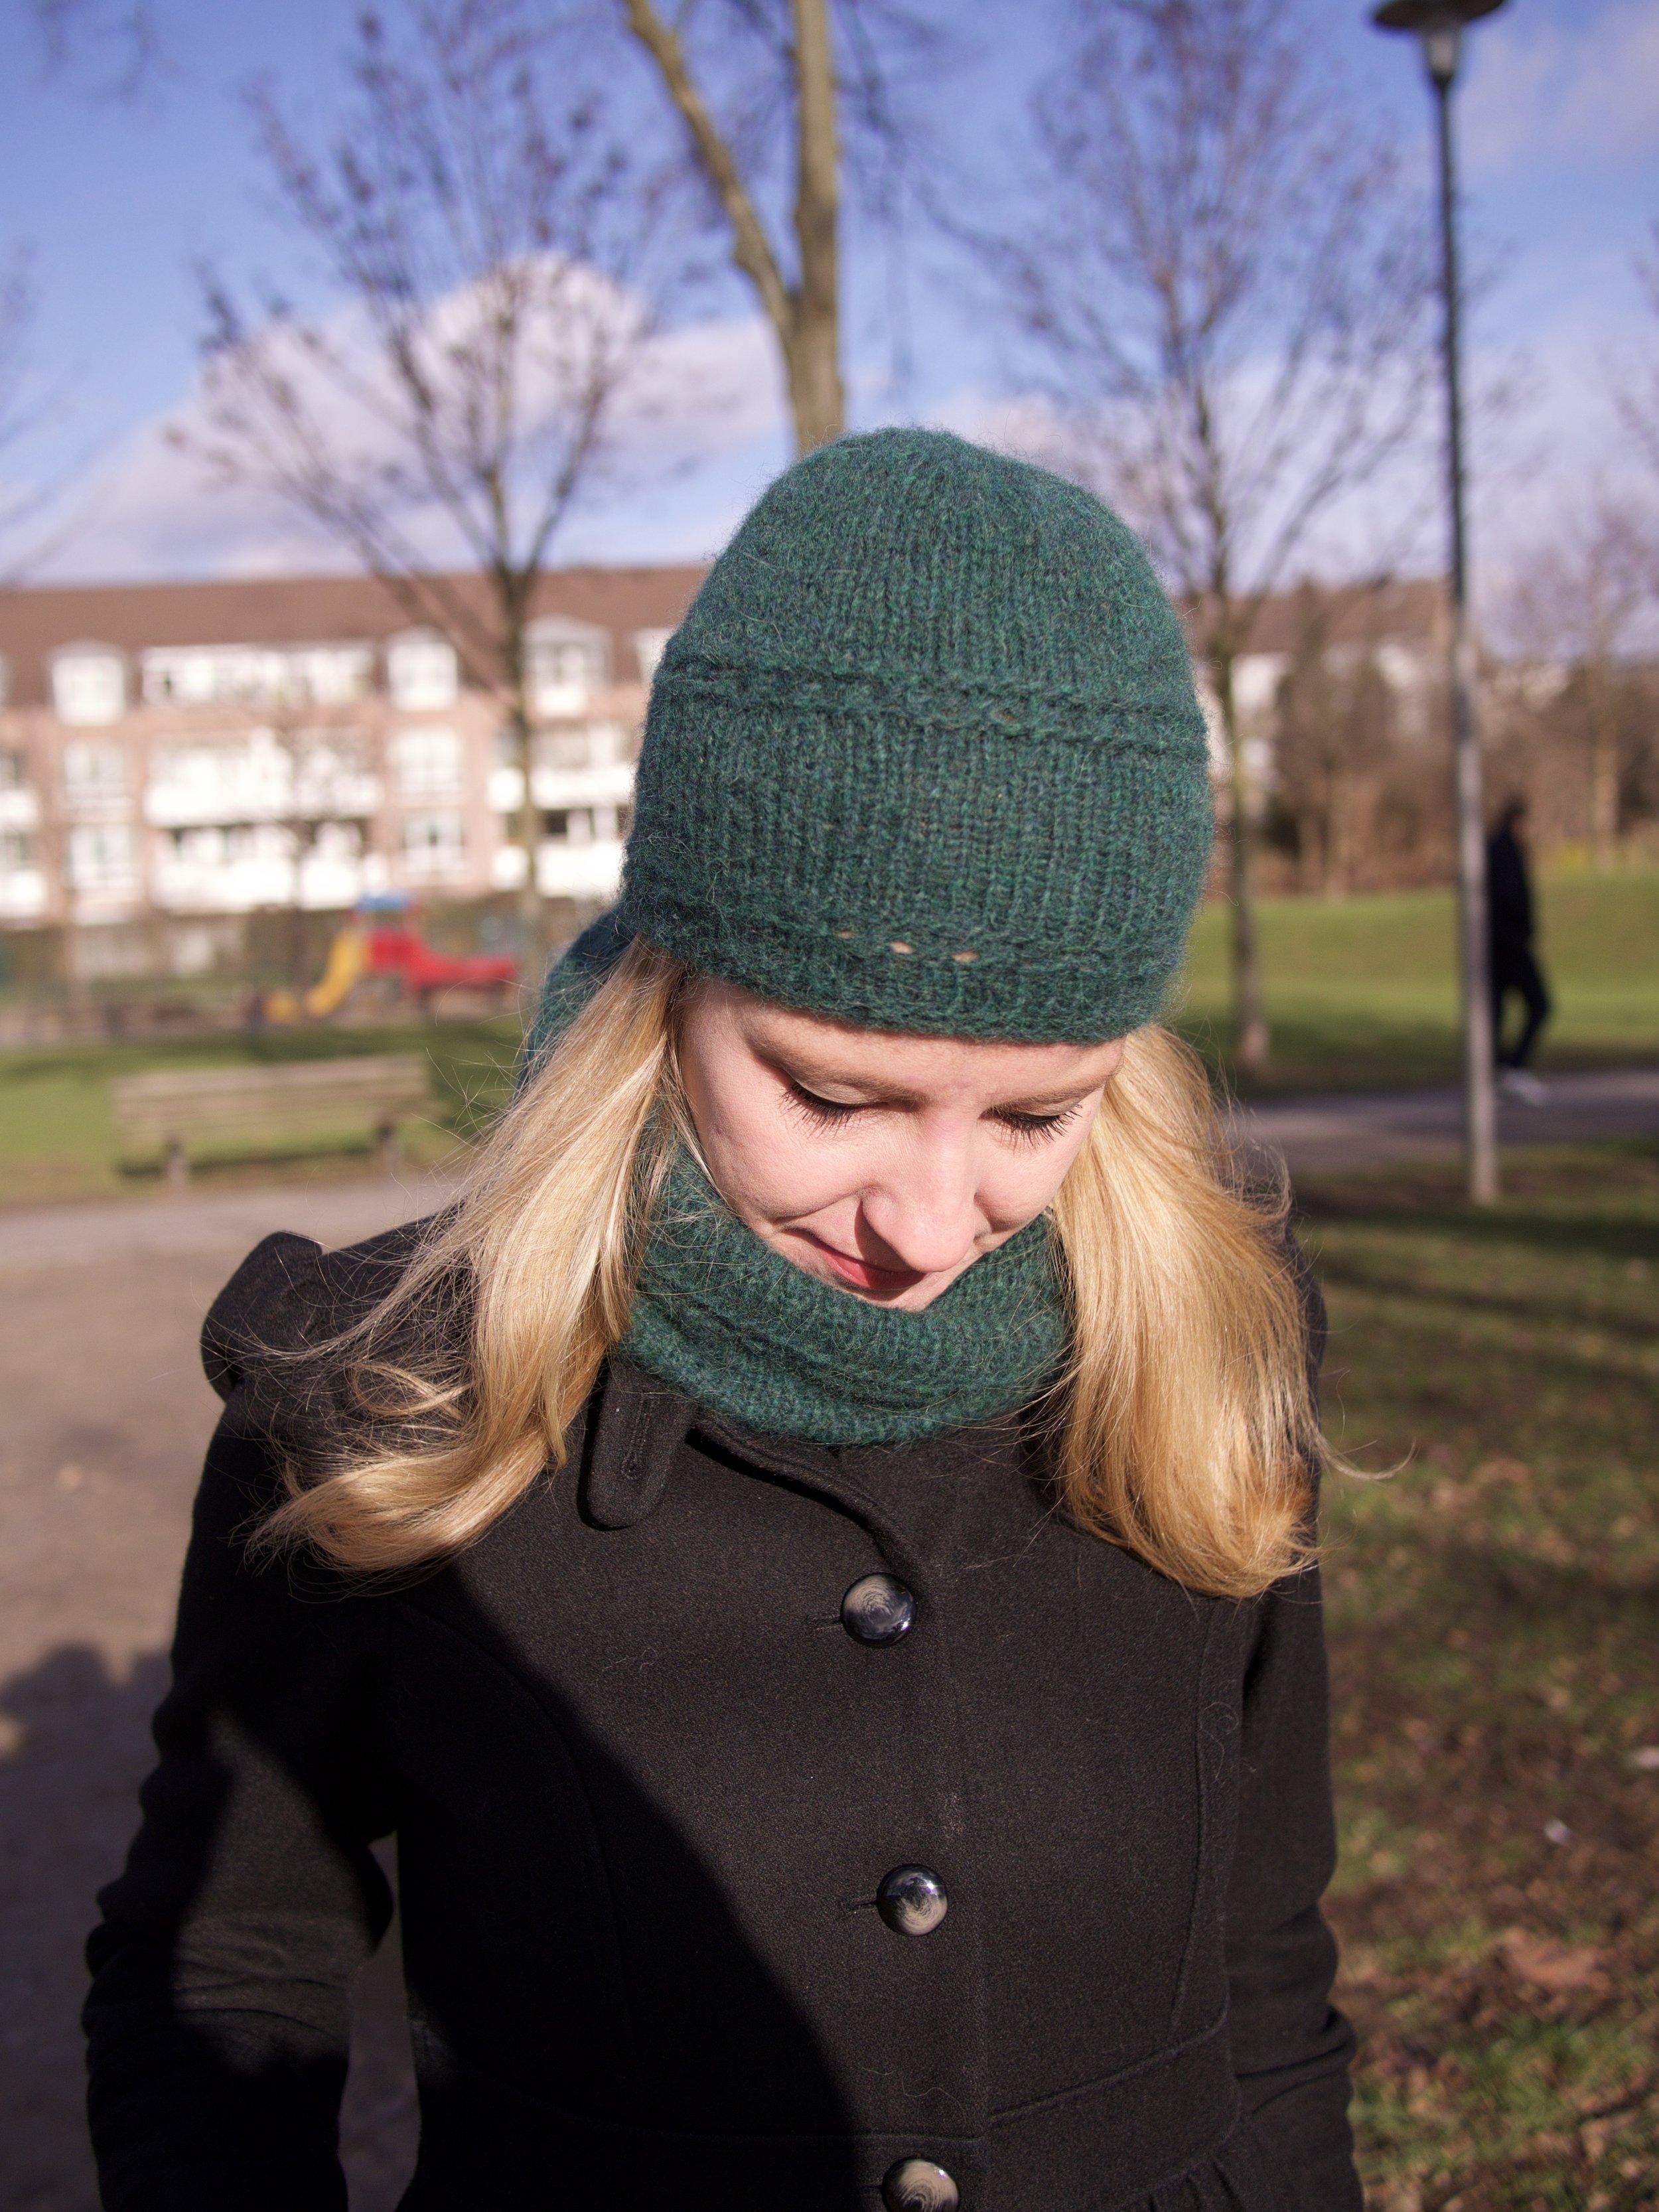 Drops-Design Mütze und Schal, Wolle, 12colursofhandemadefashion, grün, stricken